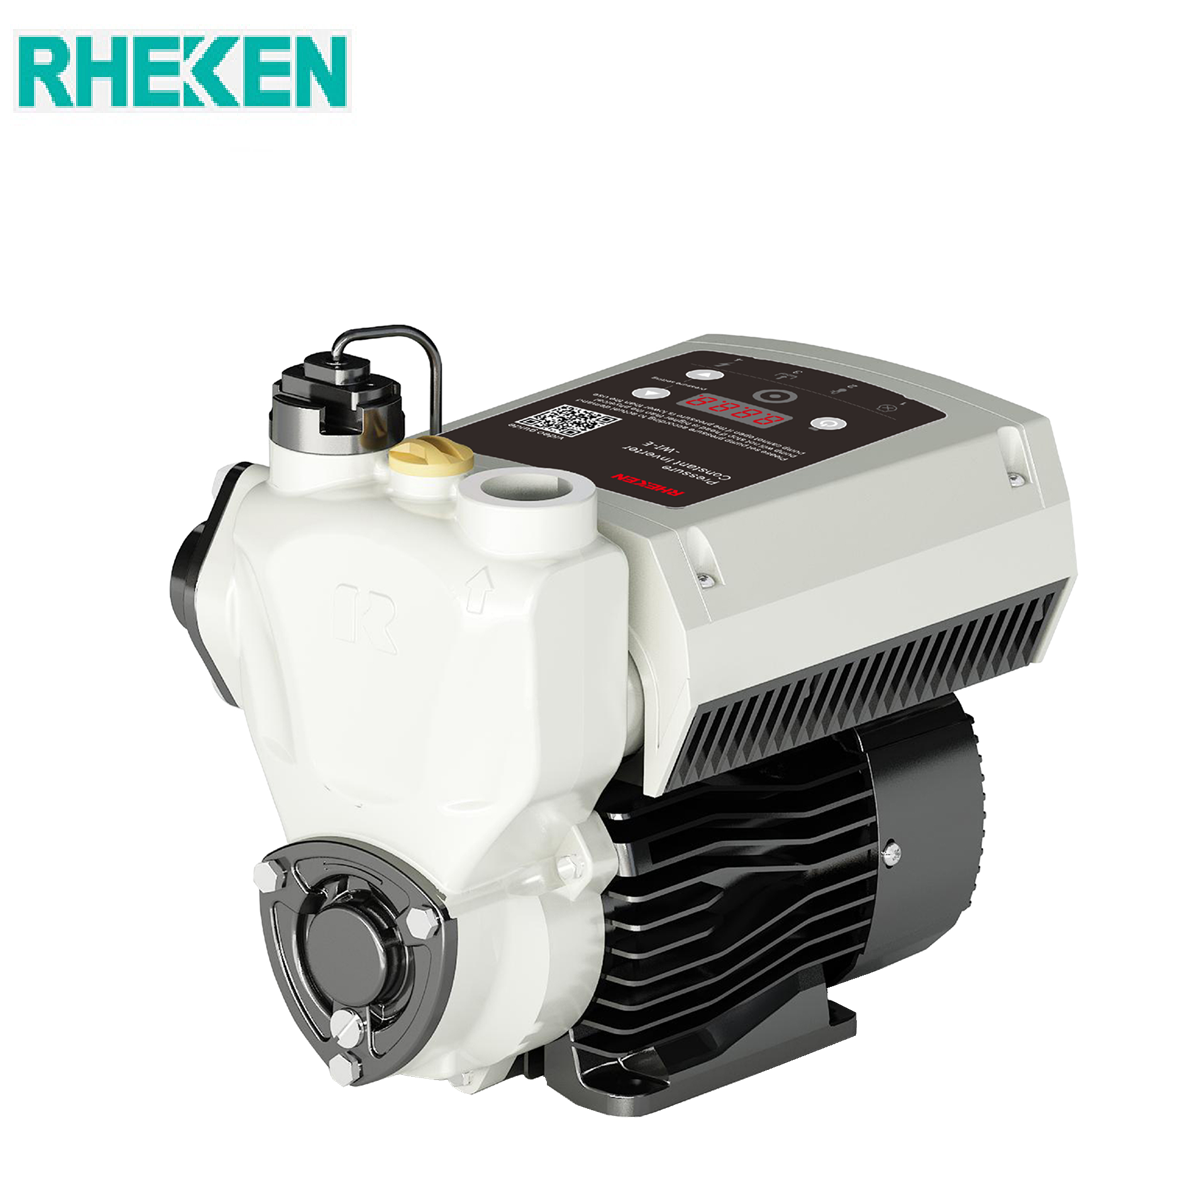 Rheken-wzb35-400i